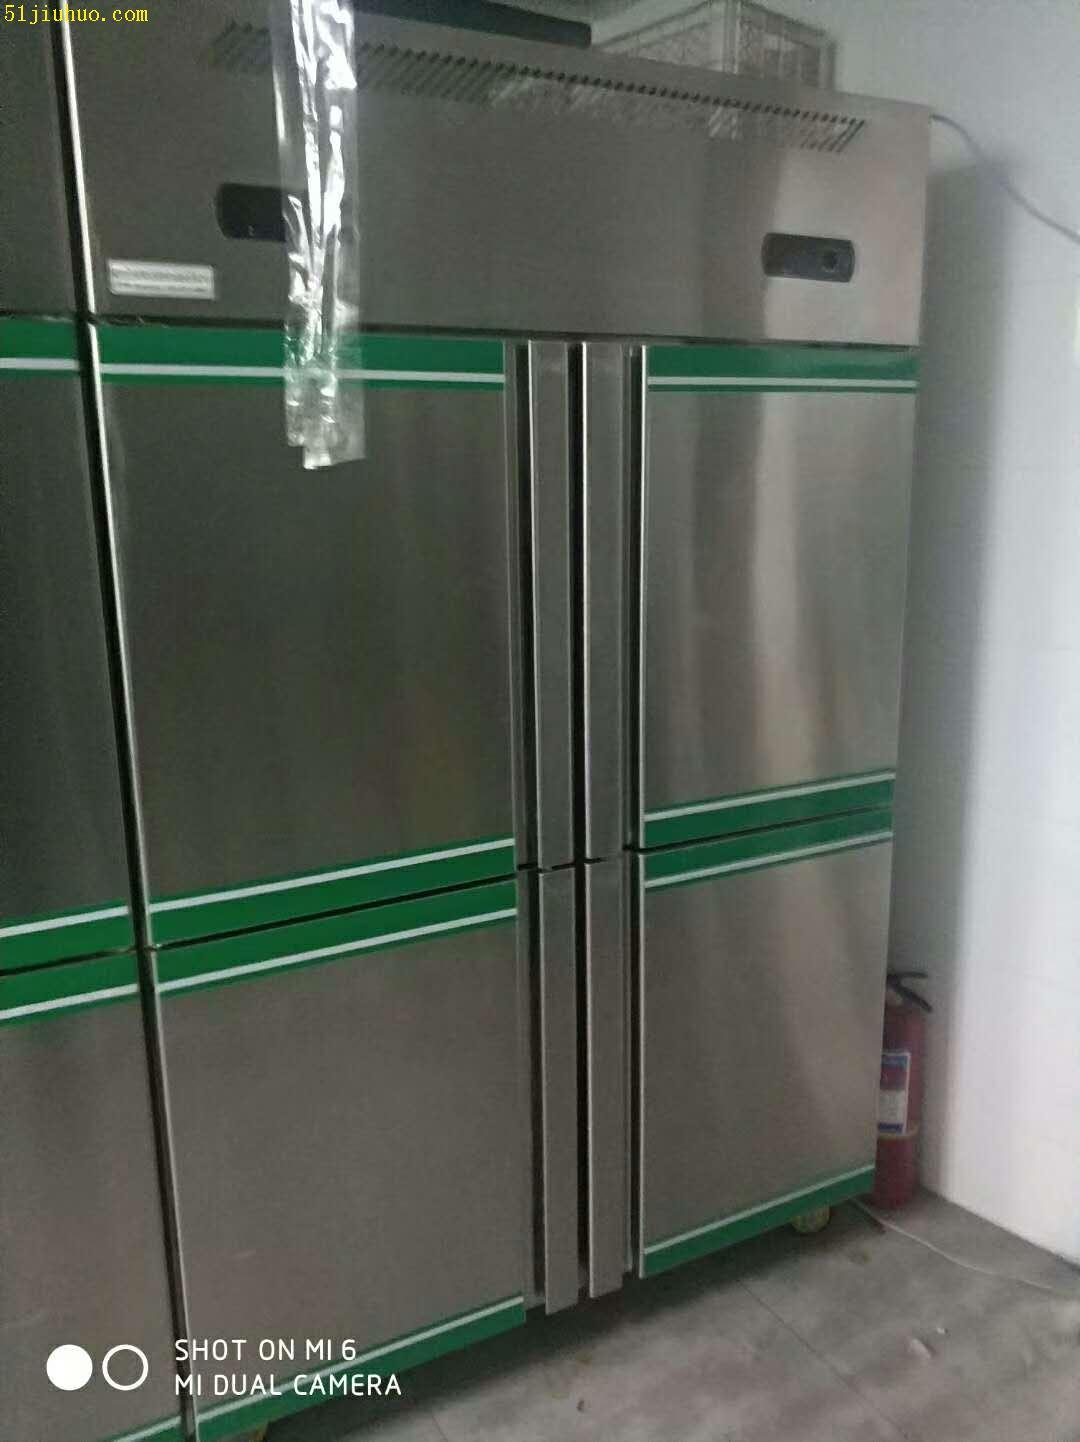 济宁酒店厨房设备回收,空调、冰箱冰柜、制冰机、操作台等整套回收